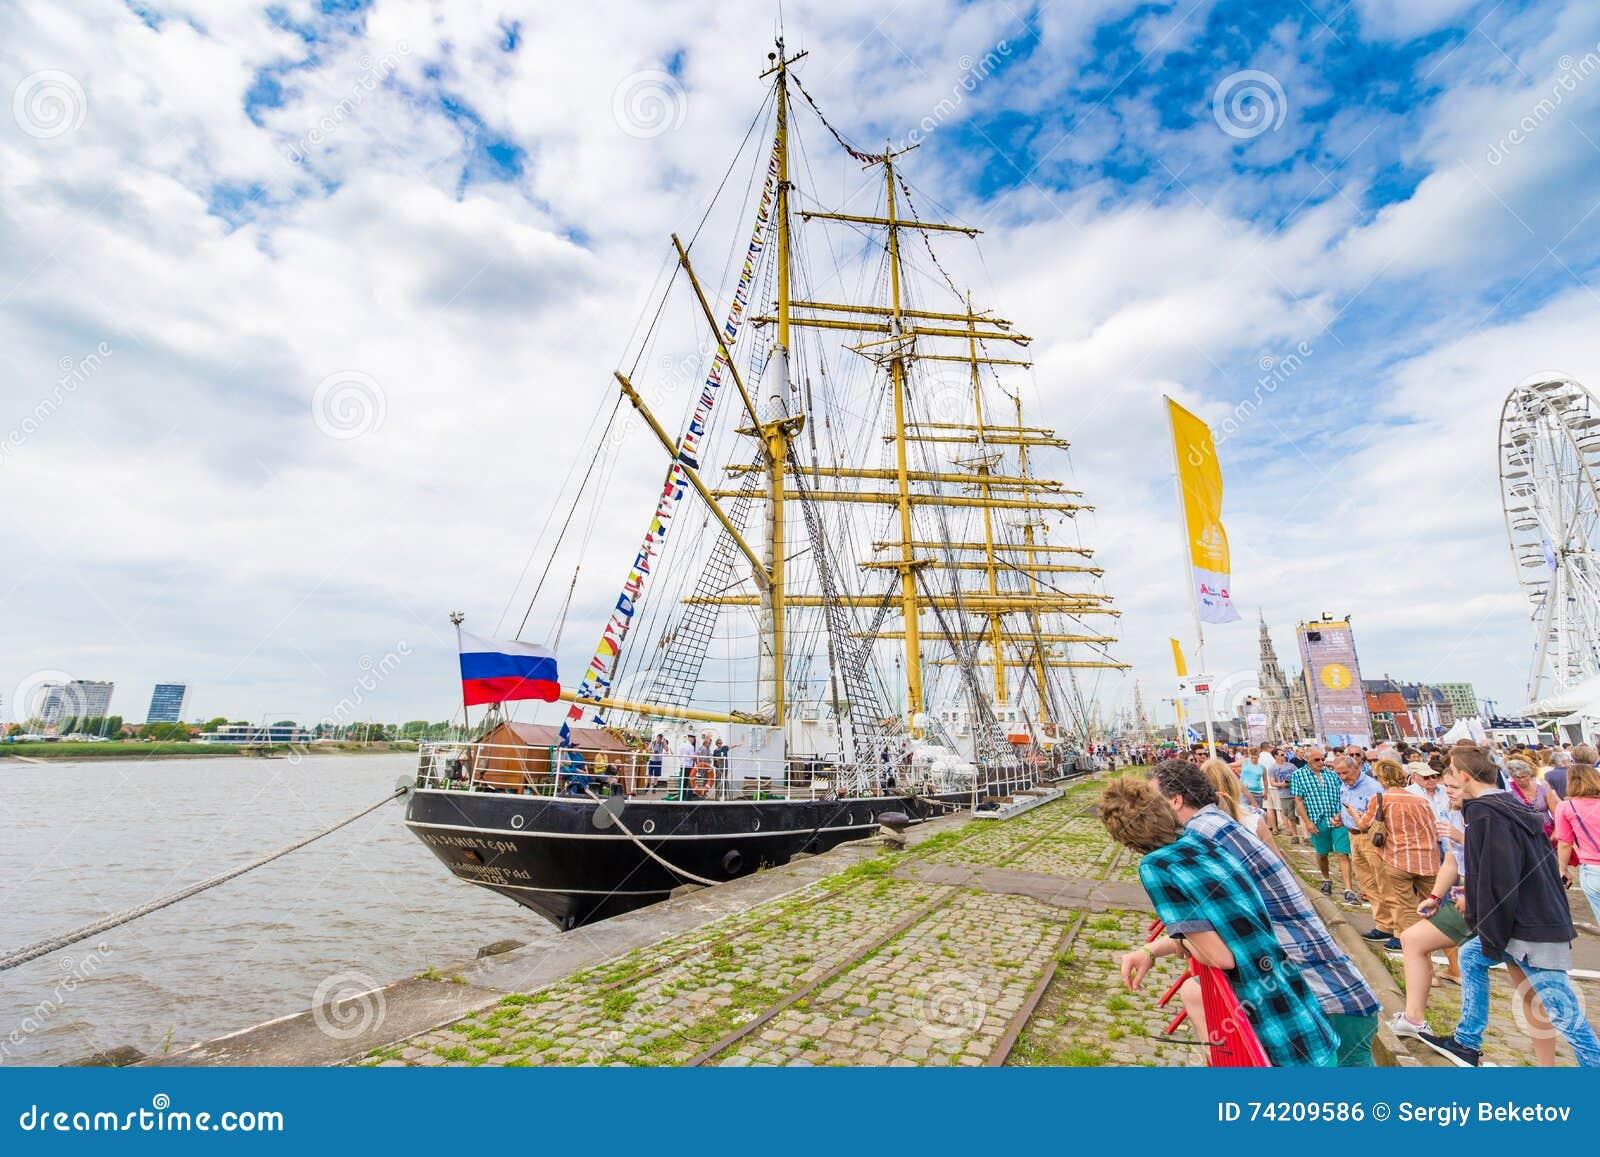 Ryskt seglingskepp Kruzenstern som ses i Antwerp under de högväxta skeppen R